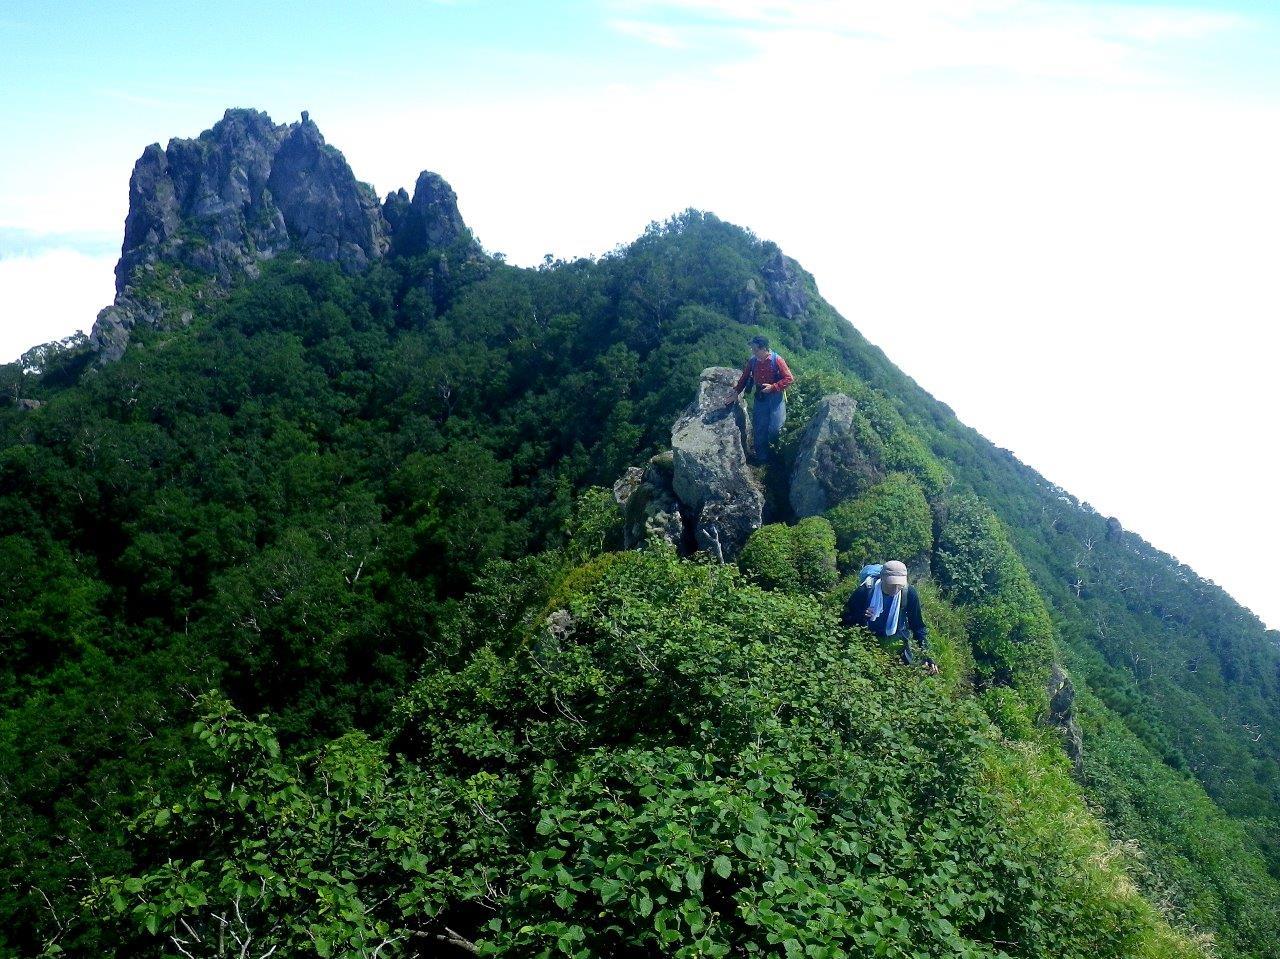 恵庭岳西峰と本峰、8月8日-同行者からの写真-_f0138096_1444954.jpg